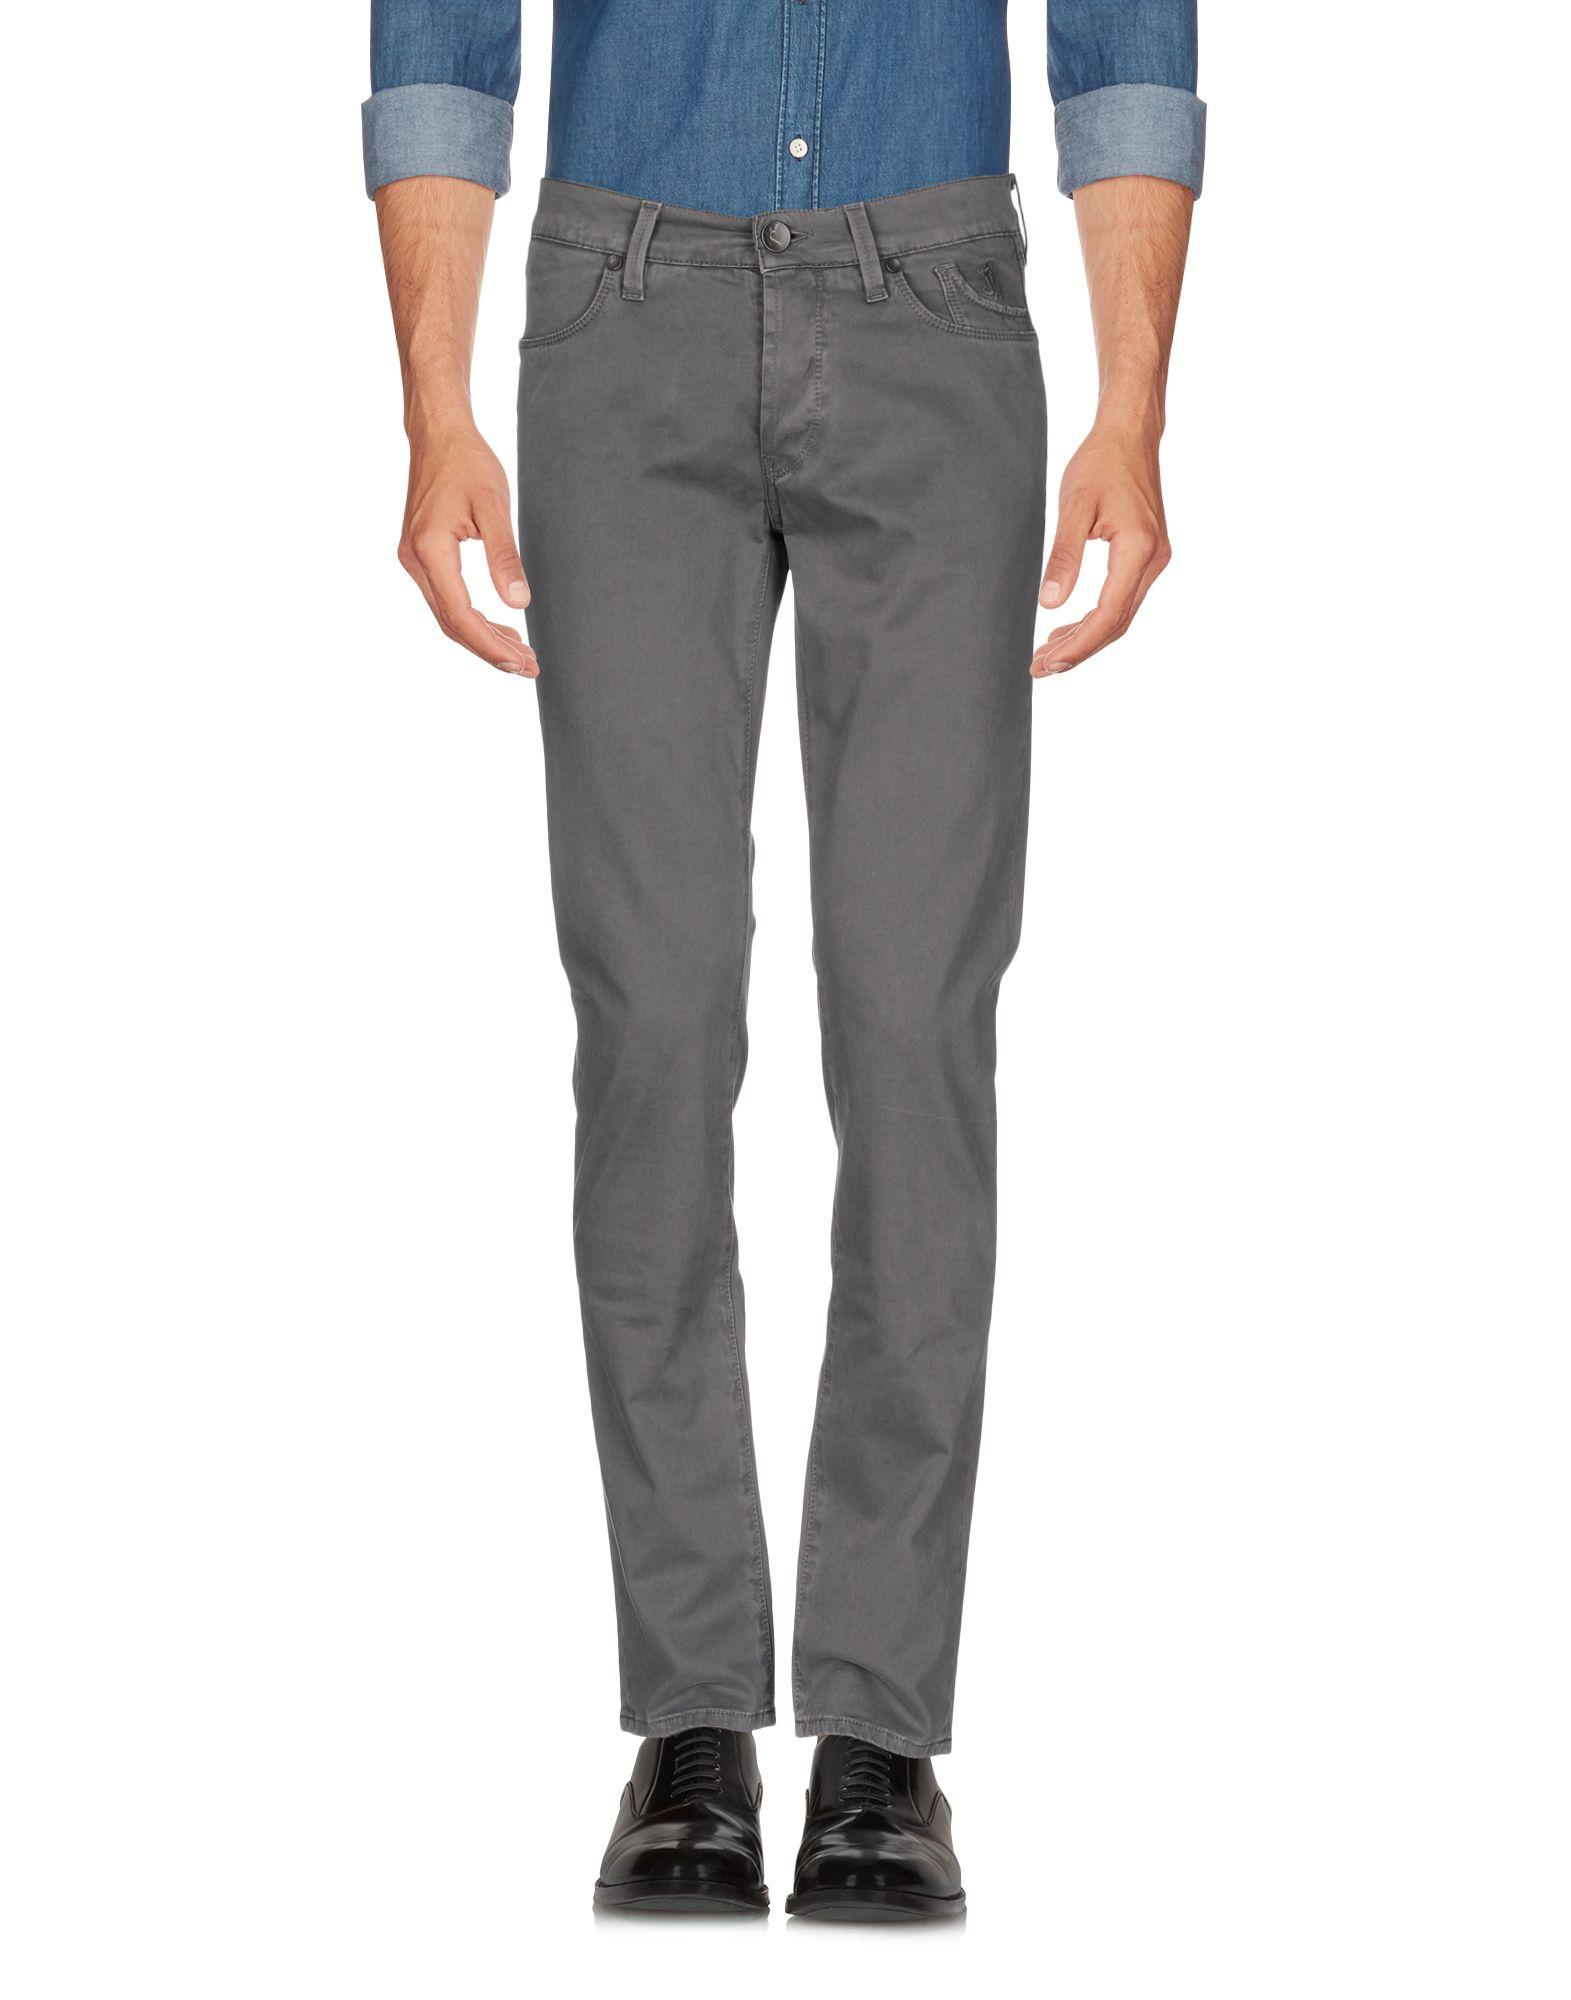 JECKERSON Herren Hose Farbe Grau Größe 3 jetztbilligerkaufen